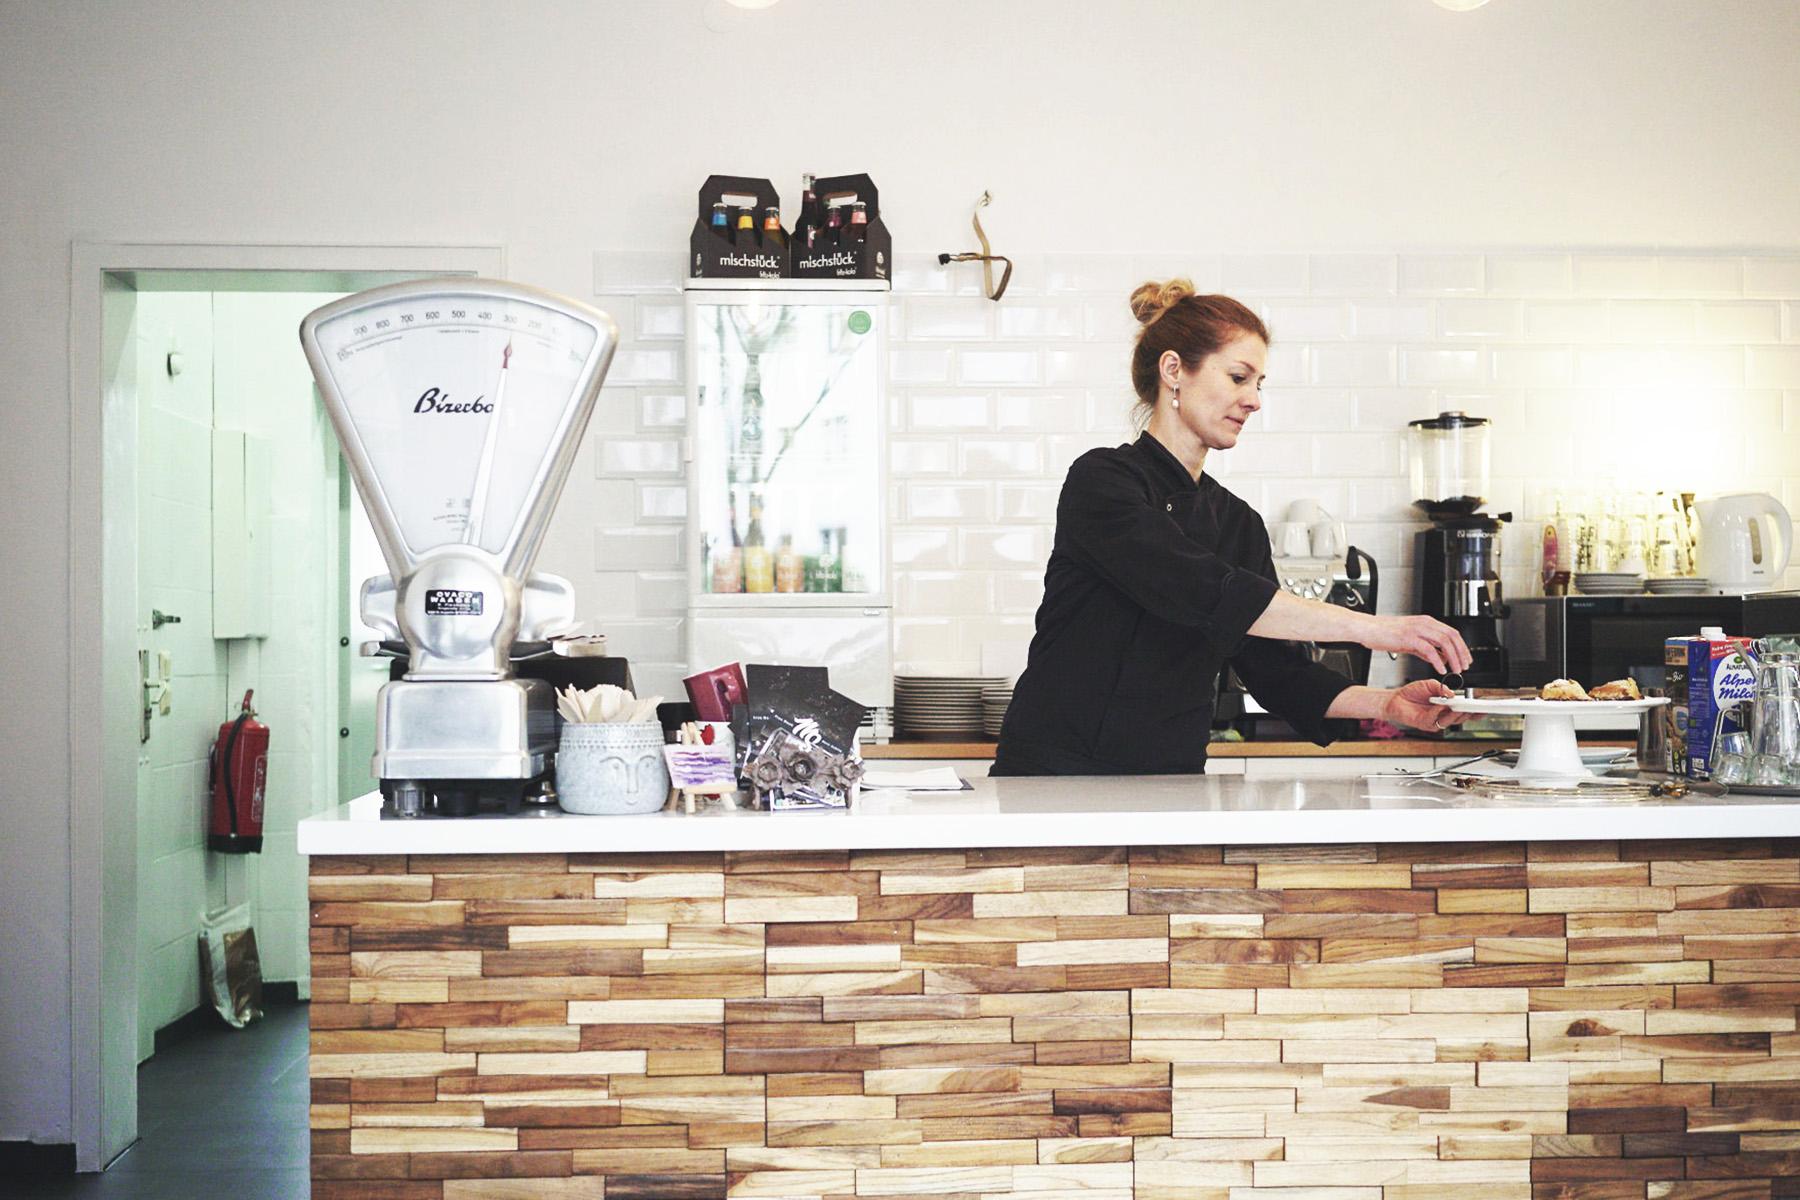 Kaffe, Salat, Köln